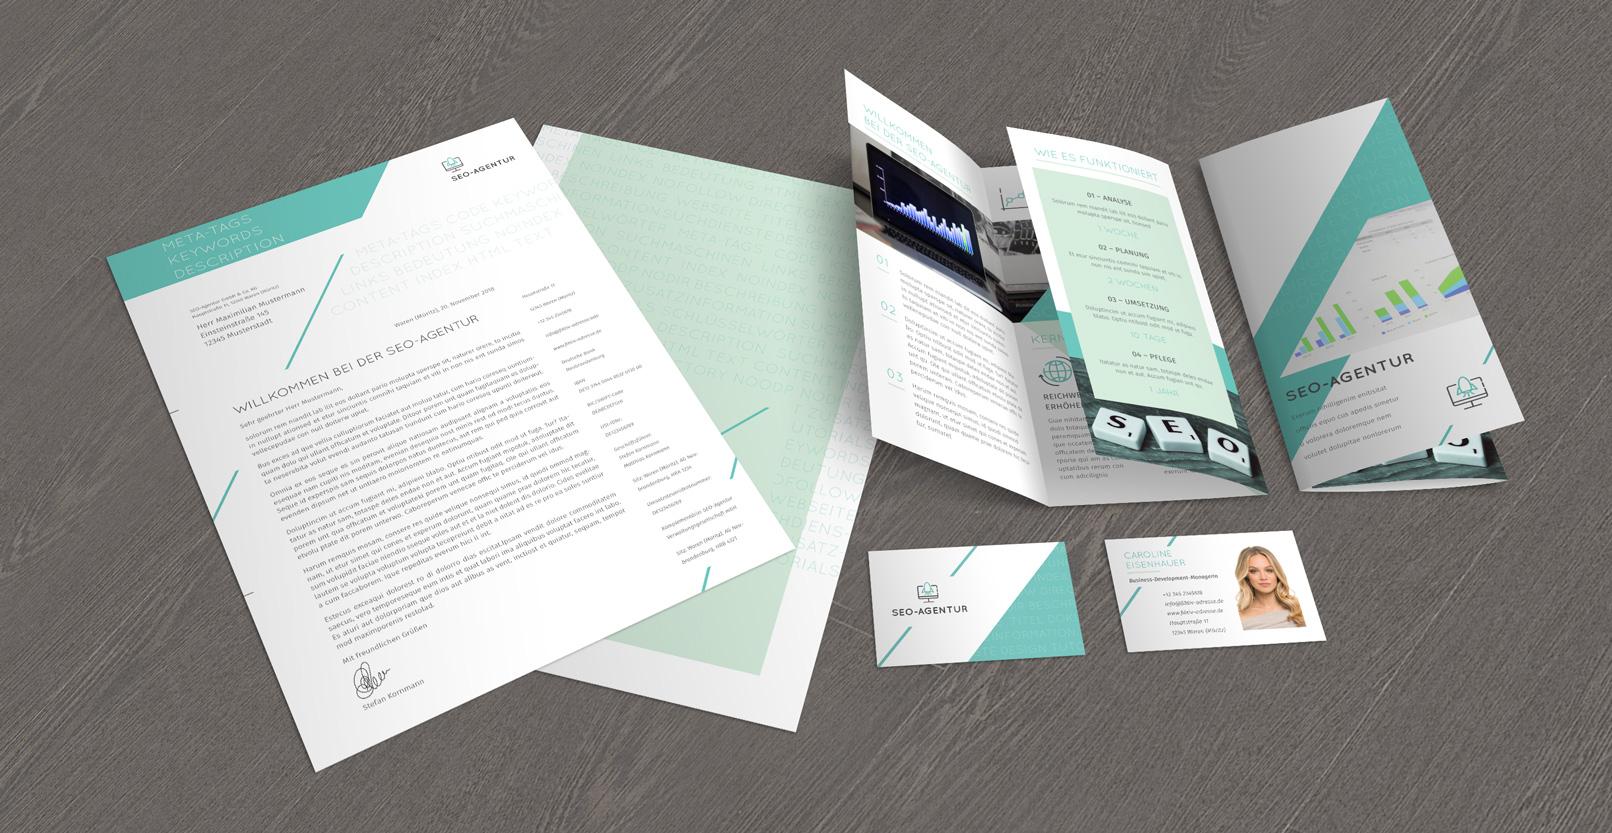 Vorlagen im Corporate Design für den Bereich Web und IT: Flyer, Briefpapier, Visitenkarten